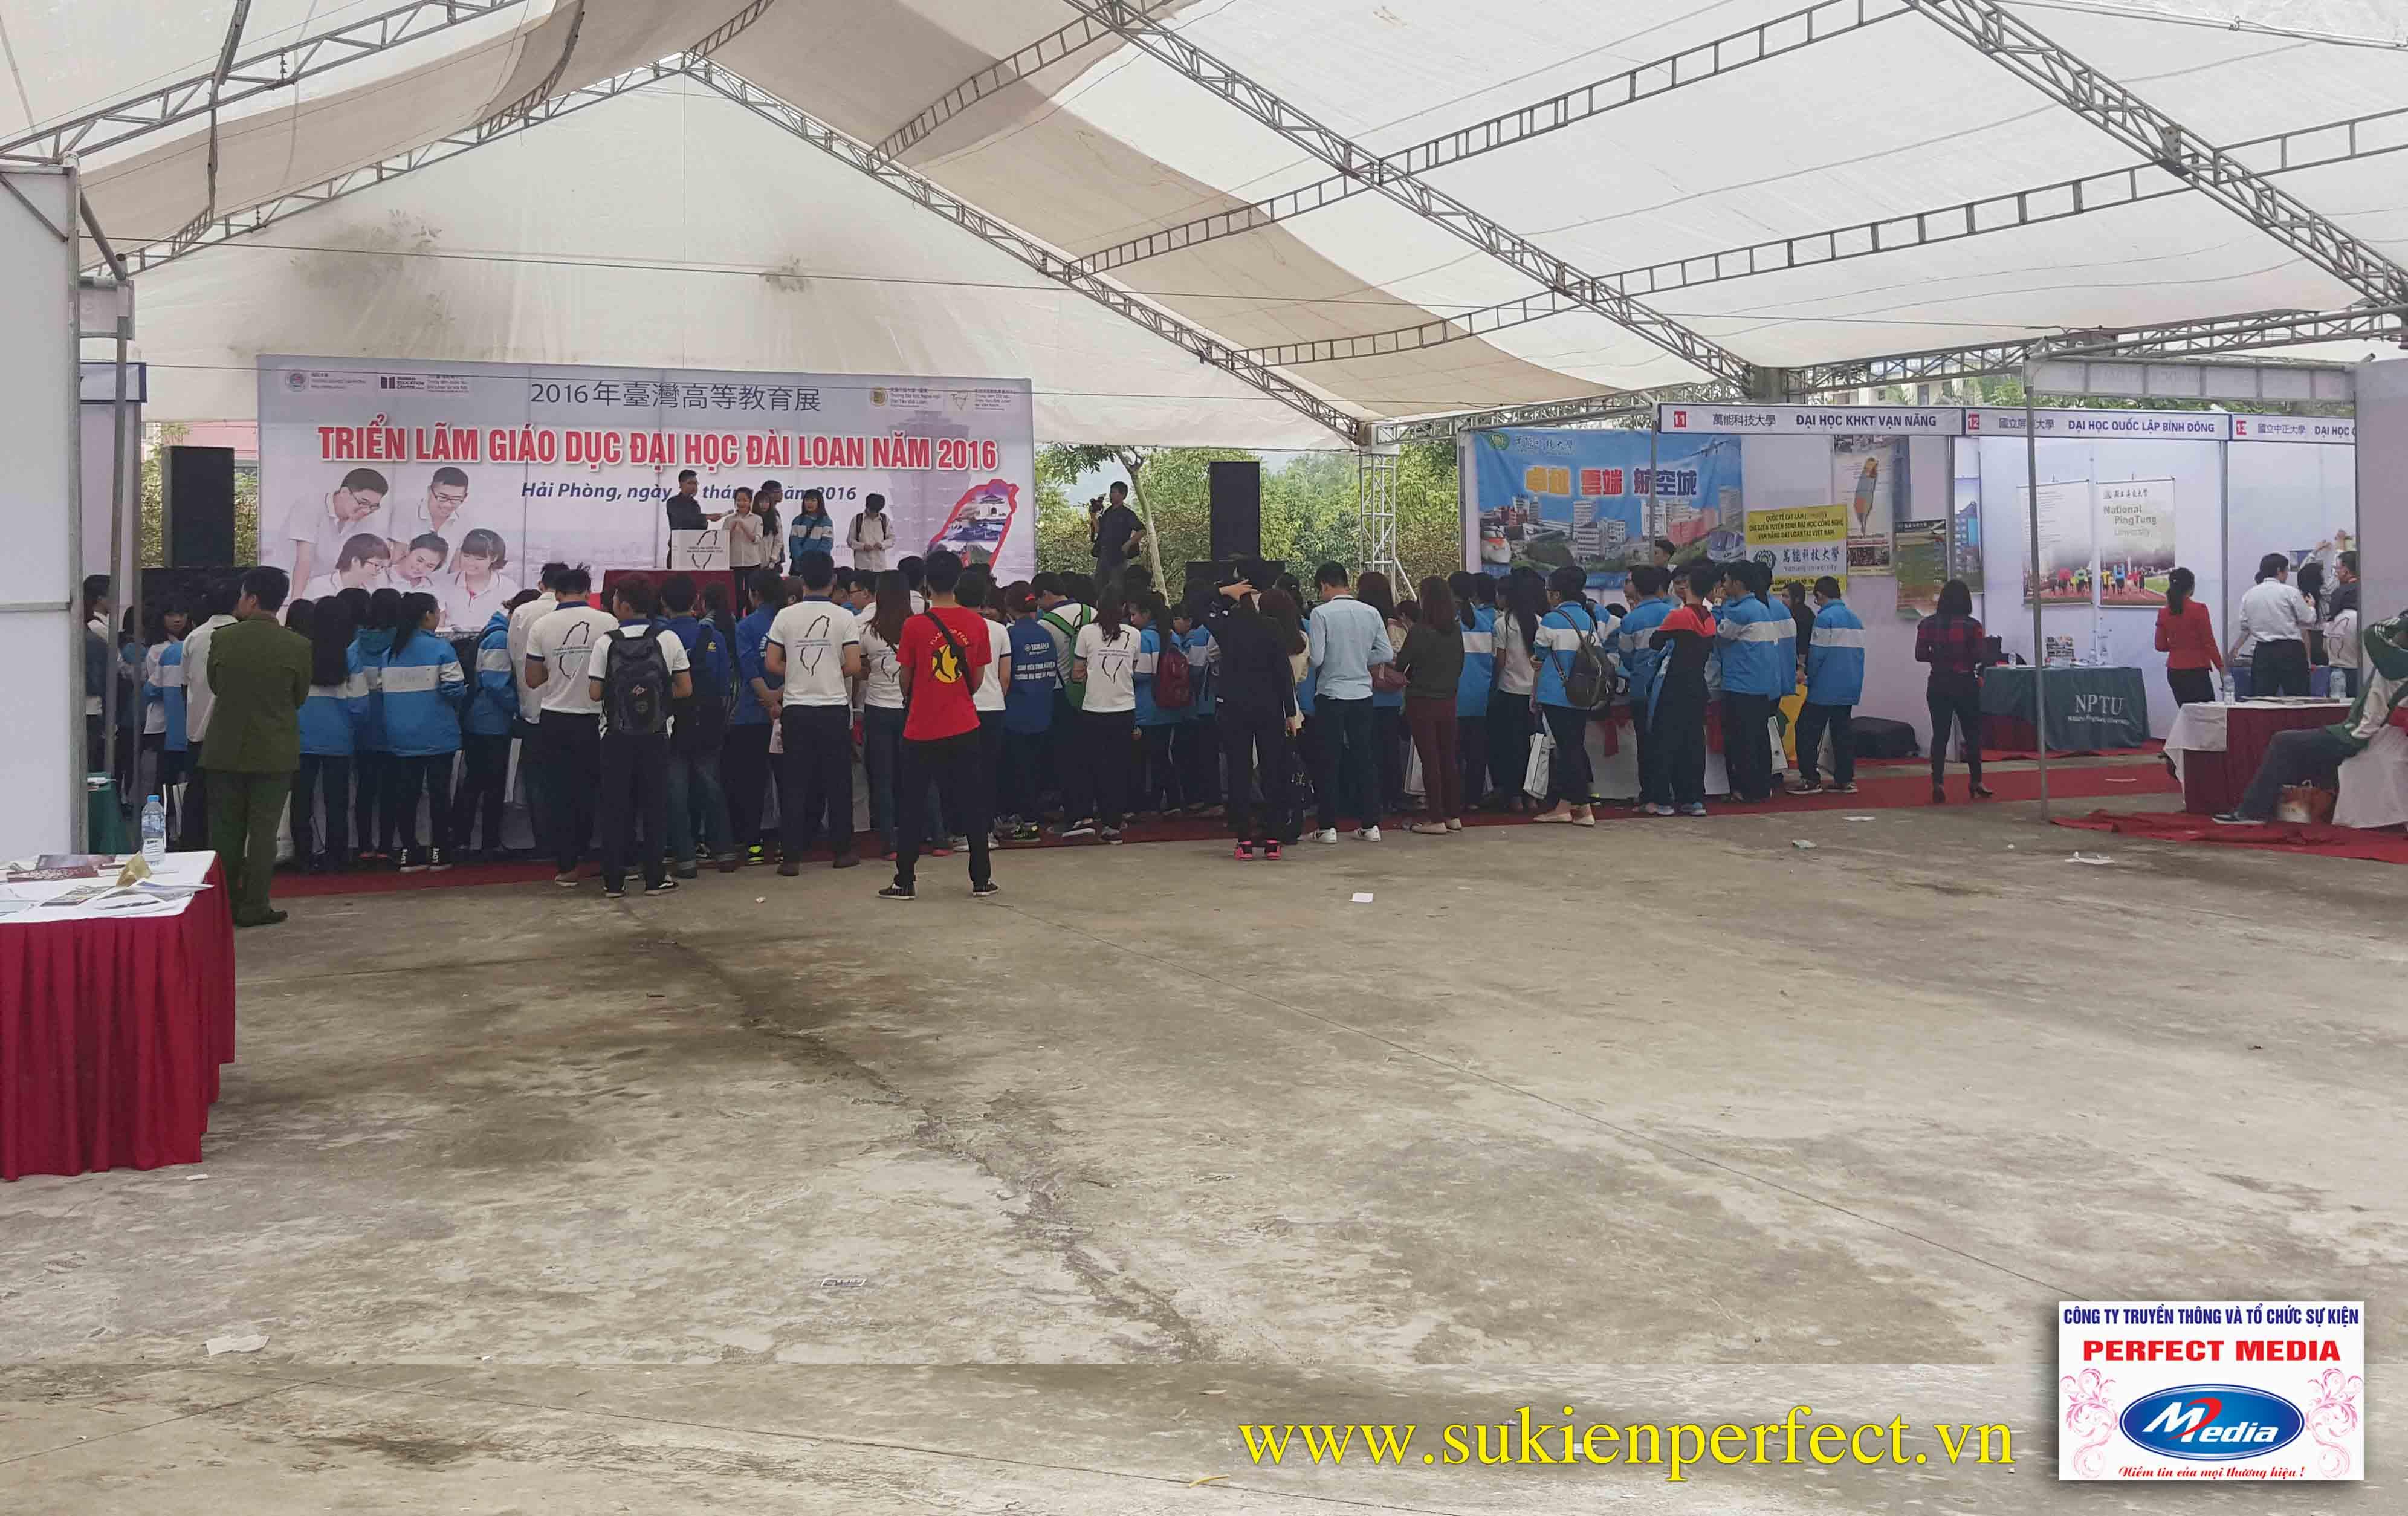 Không khí buổi triển lãm giáo dục thật náo nhiệt và đông đúc